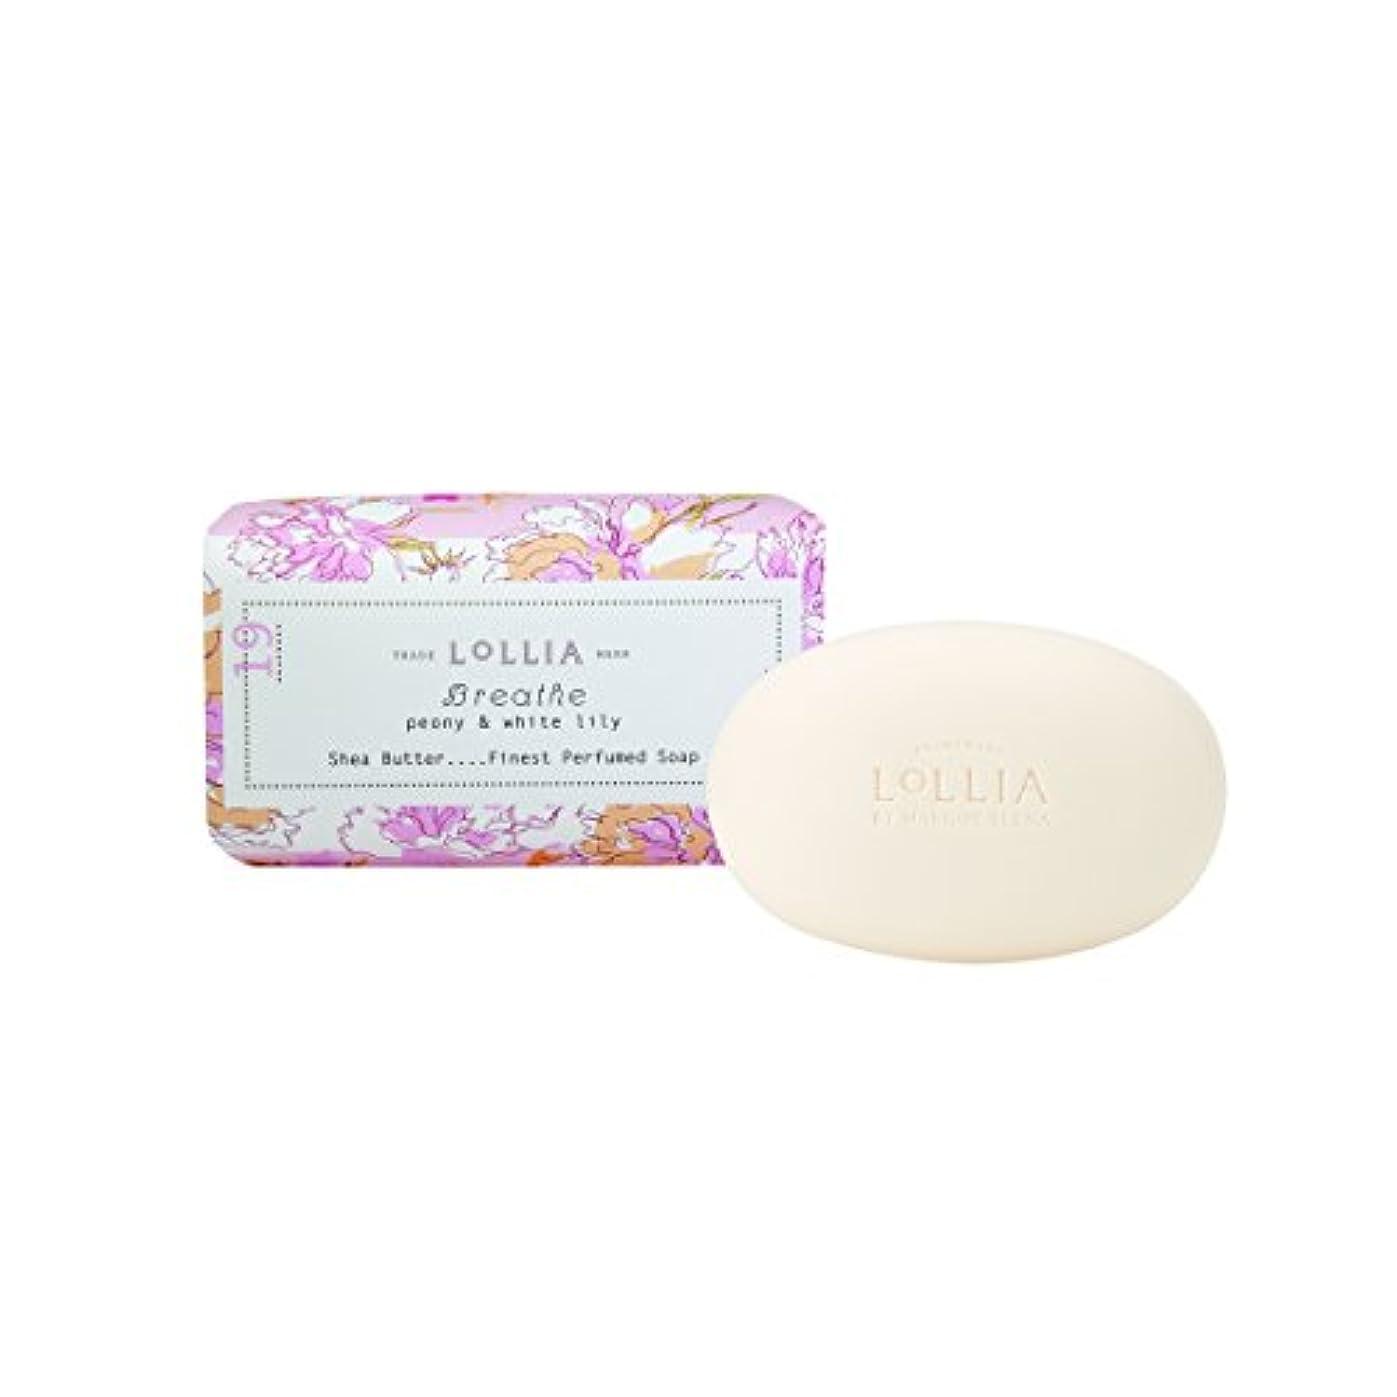 放射するより良い通常ロリア(LoLLIA) フレグランスソープ140g Breath(化粧石けん 全身用洗浄料 ピオニーとホワイトリリーの甘くさわやかな香り)